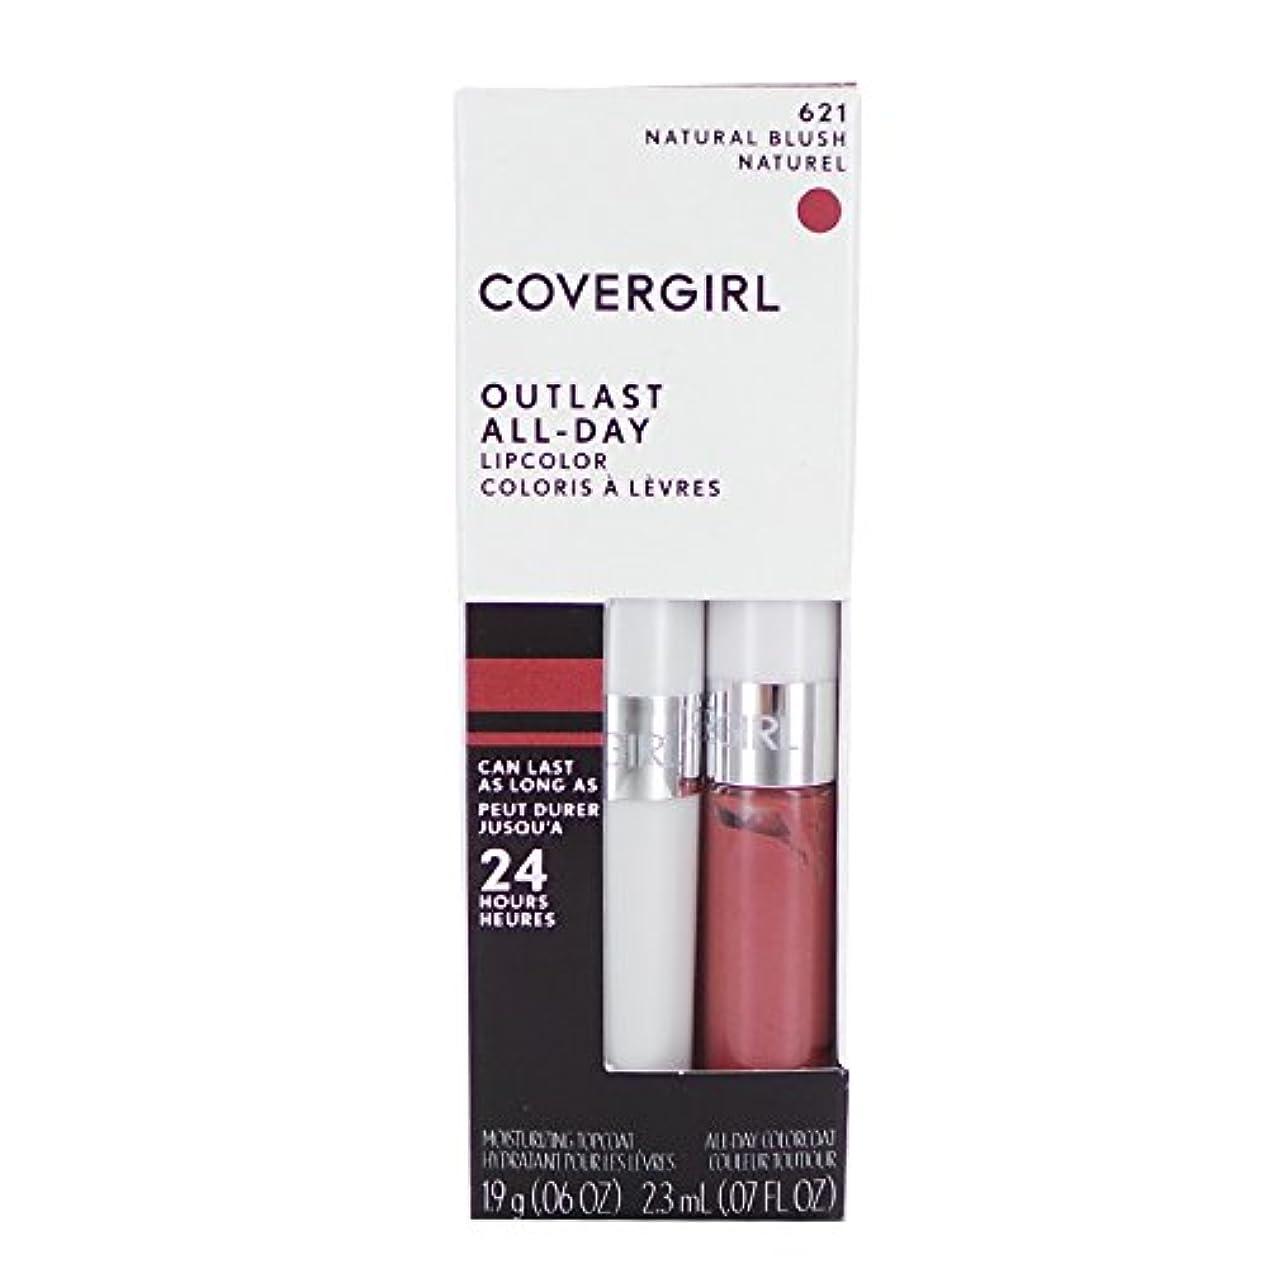 強化キャンセルメイン(3 Pack) COVERGIRL Outlast All-Day Lip Color - Natural Blush 621 (並行輸入品)